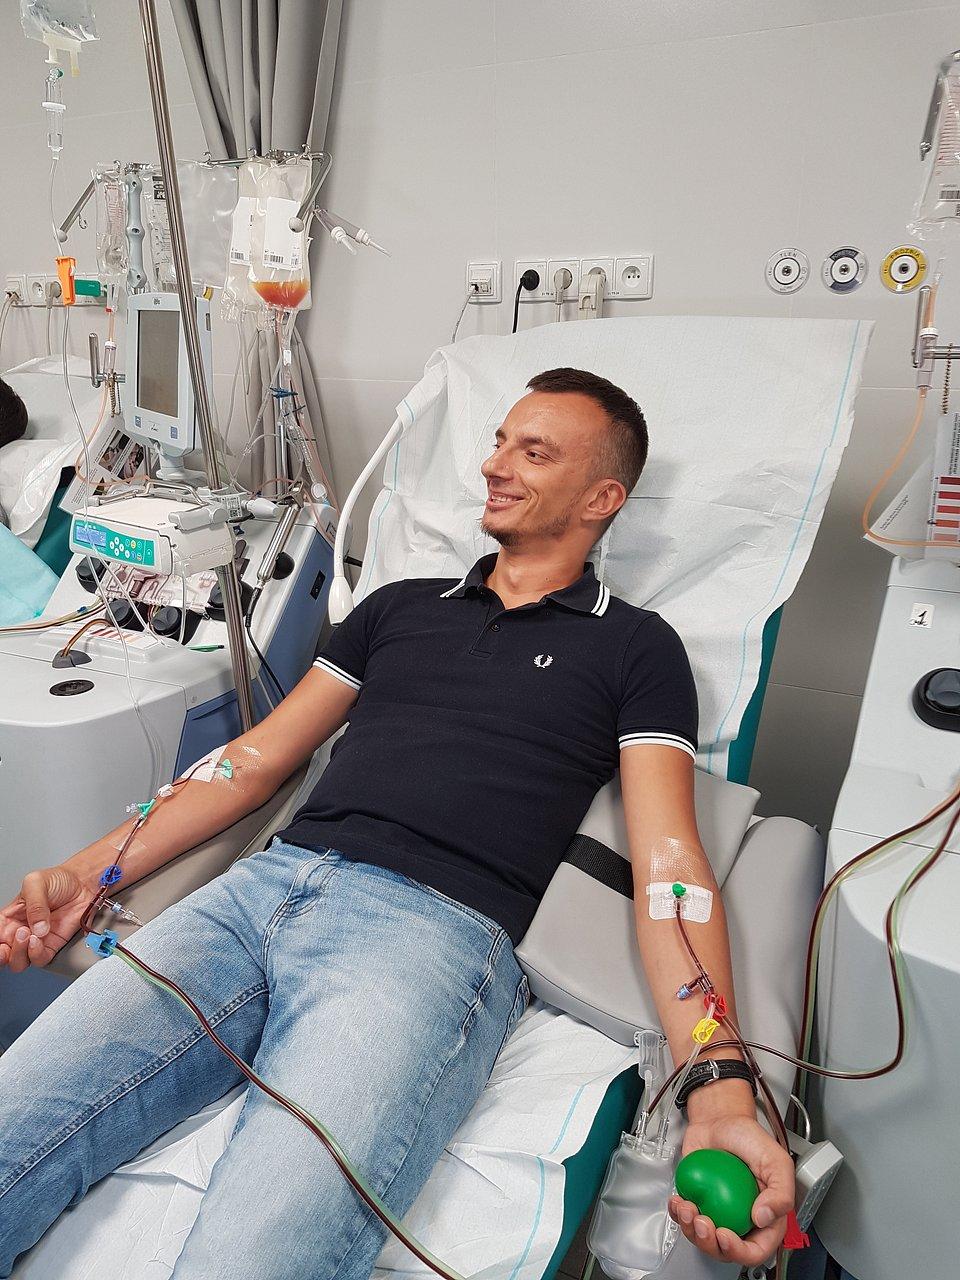 Łukasz Krążek - Dawca faktyczny podczas 7000 donacji - metodą pobrania krwiotwórczych komórek z krwi obwodowej